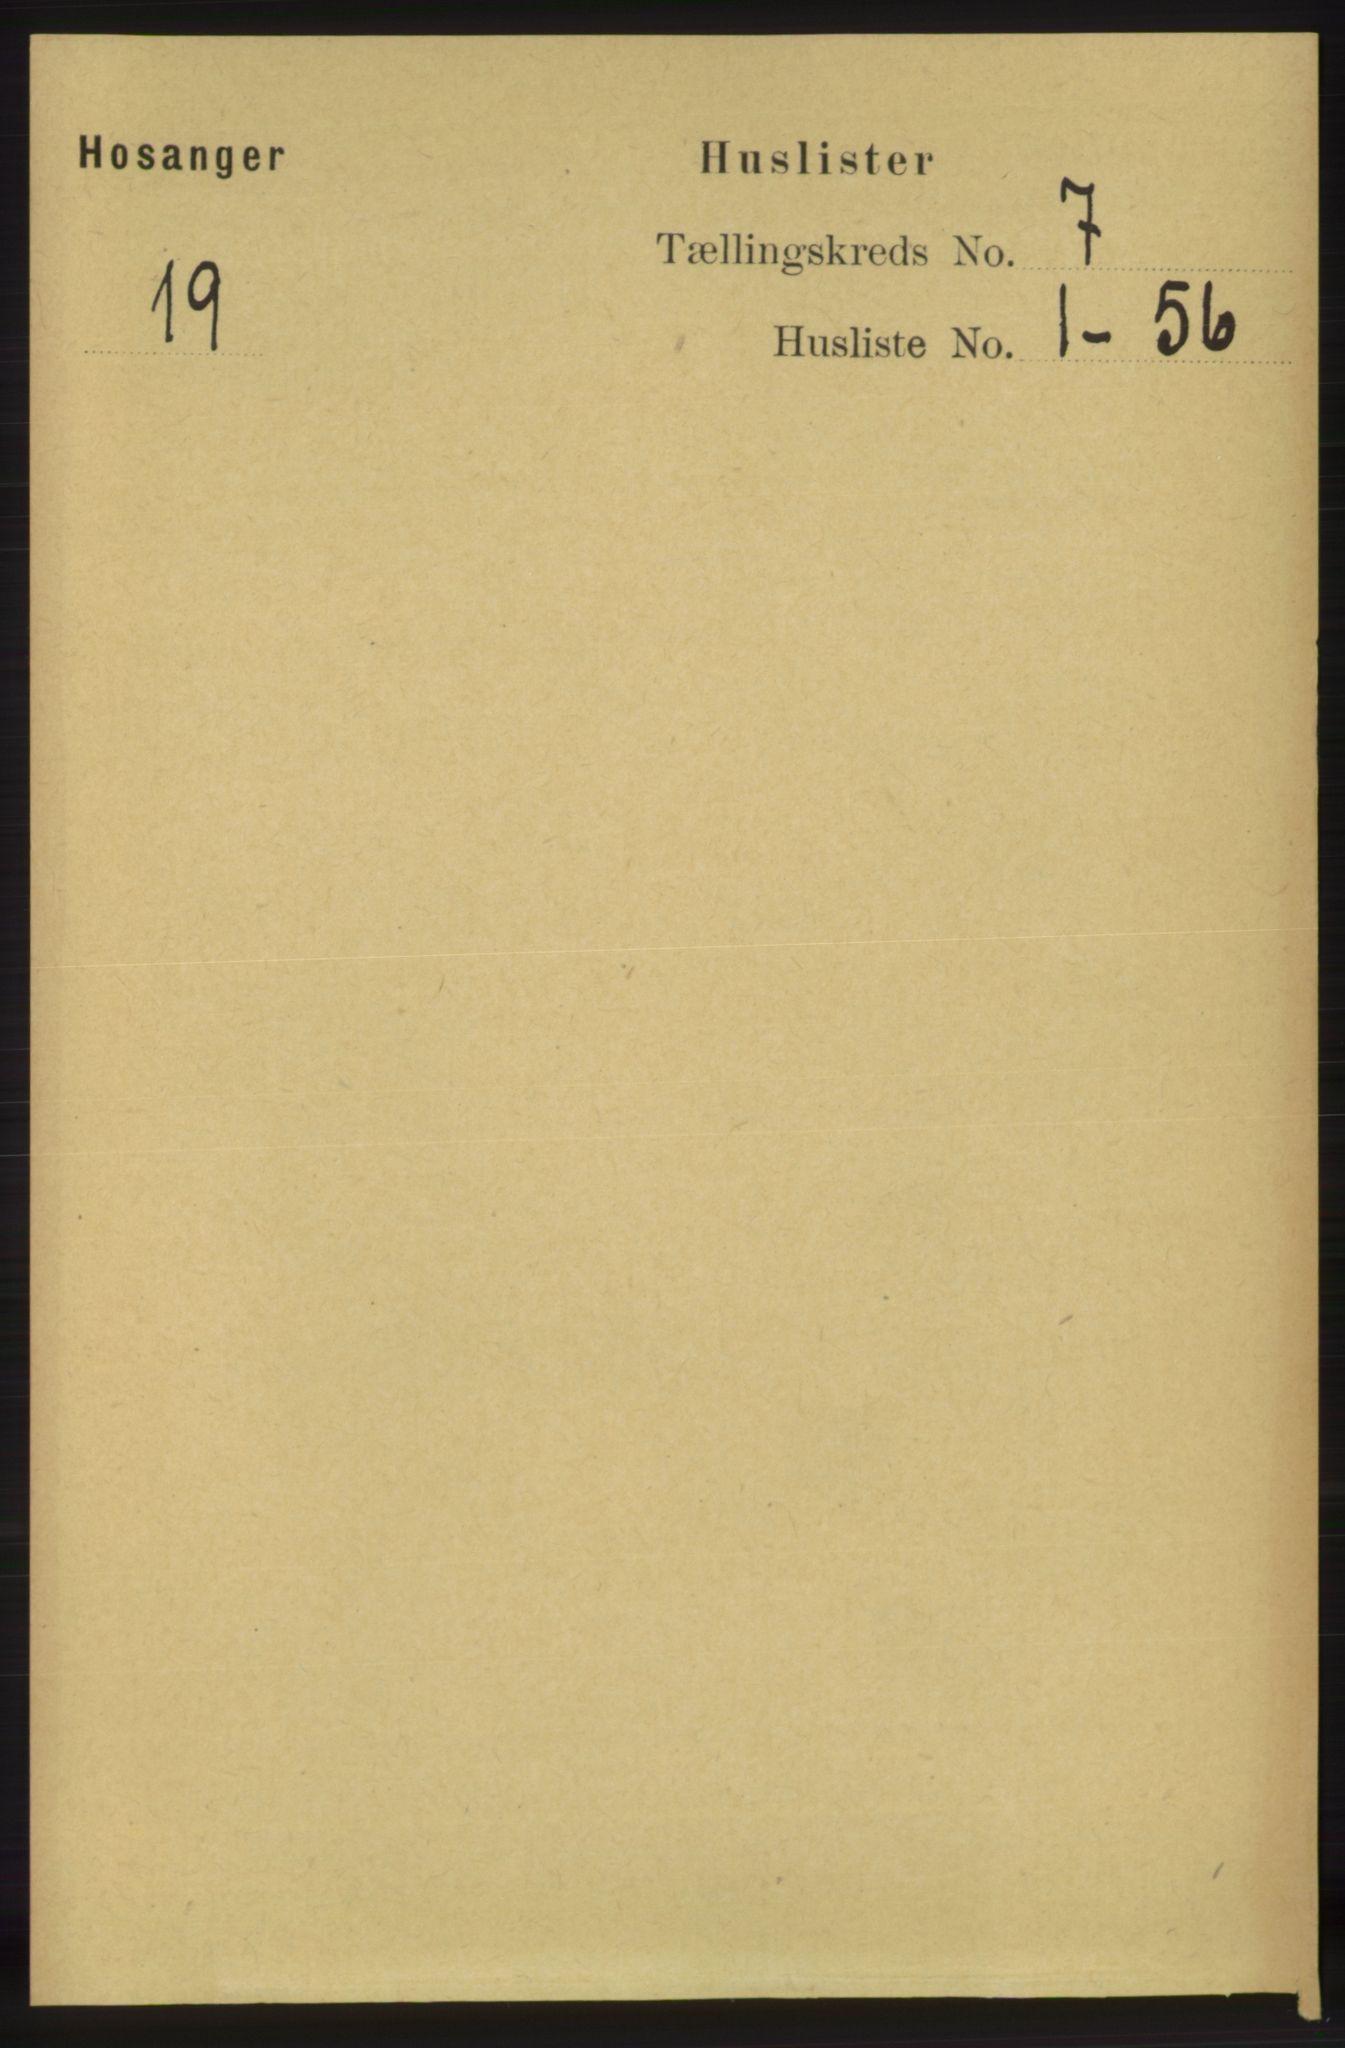 RA, Folketelling 1891 for 1253 Hosanger herred, 1891, s. 2433